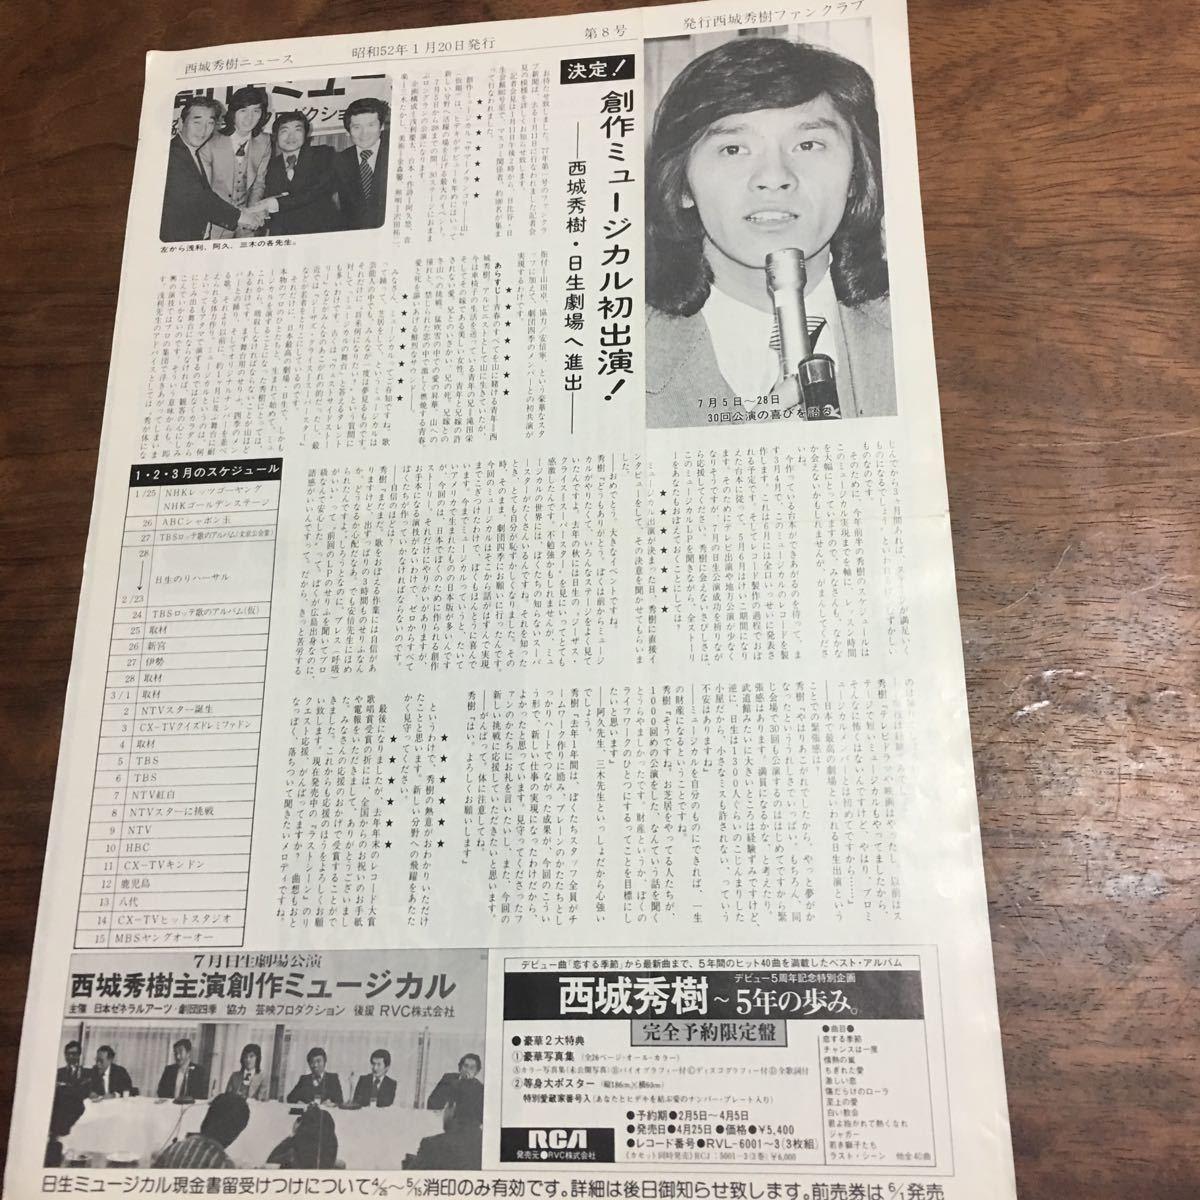 西城秀樹 ファンクラブ会報誌 西城秀樹ニュース 昭和51年 6号~10号_画像3